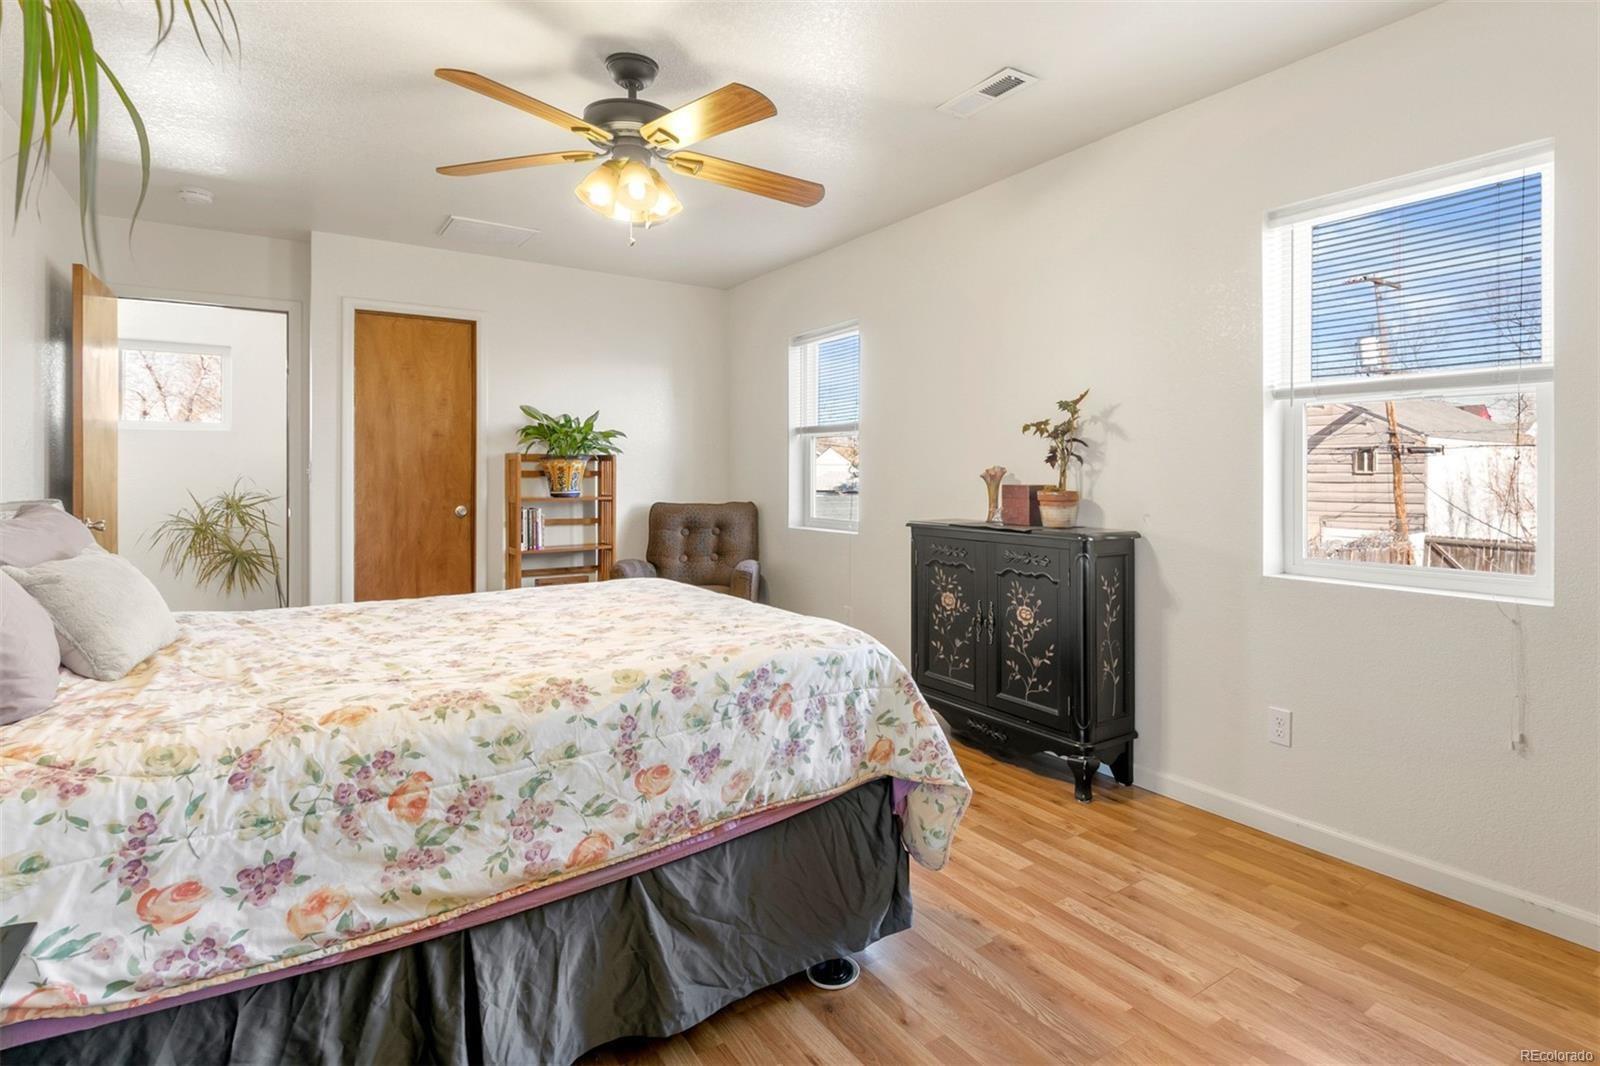 MLS# 7727637 - 1 - 1890  S Shoshone Street, Denver, CO 80223